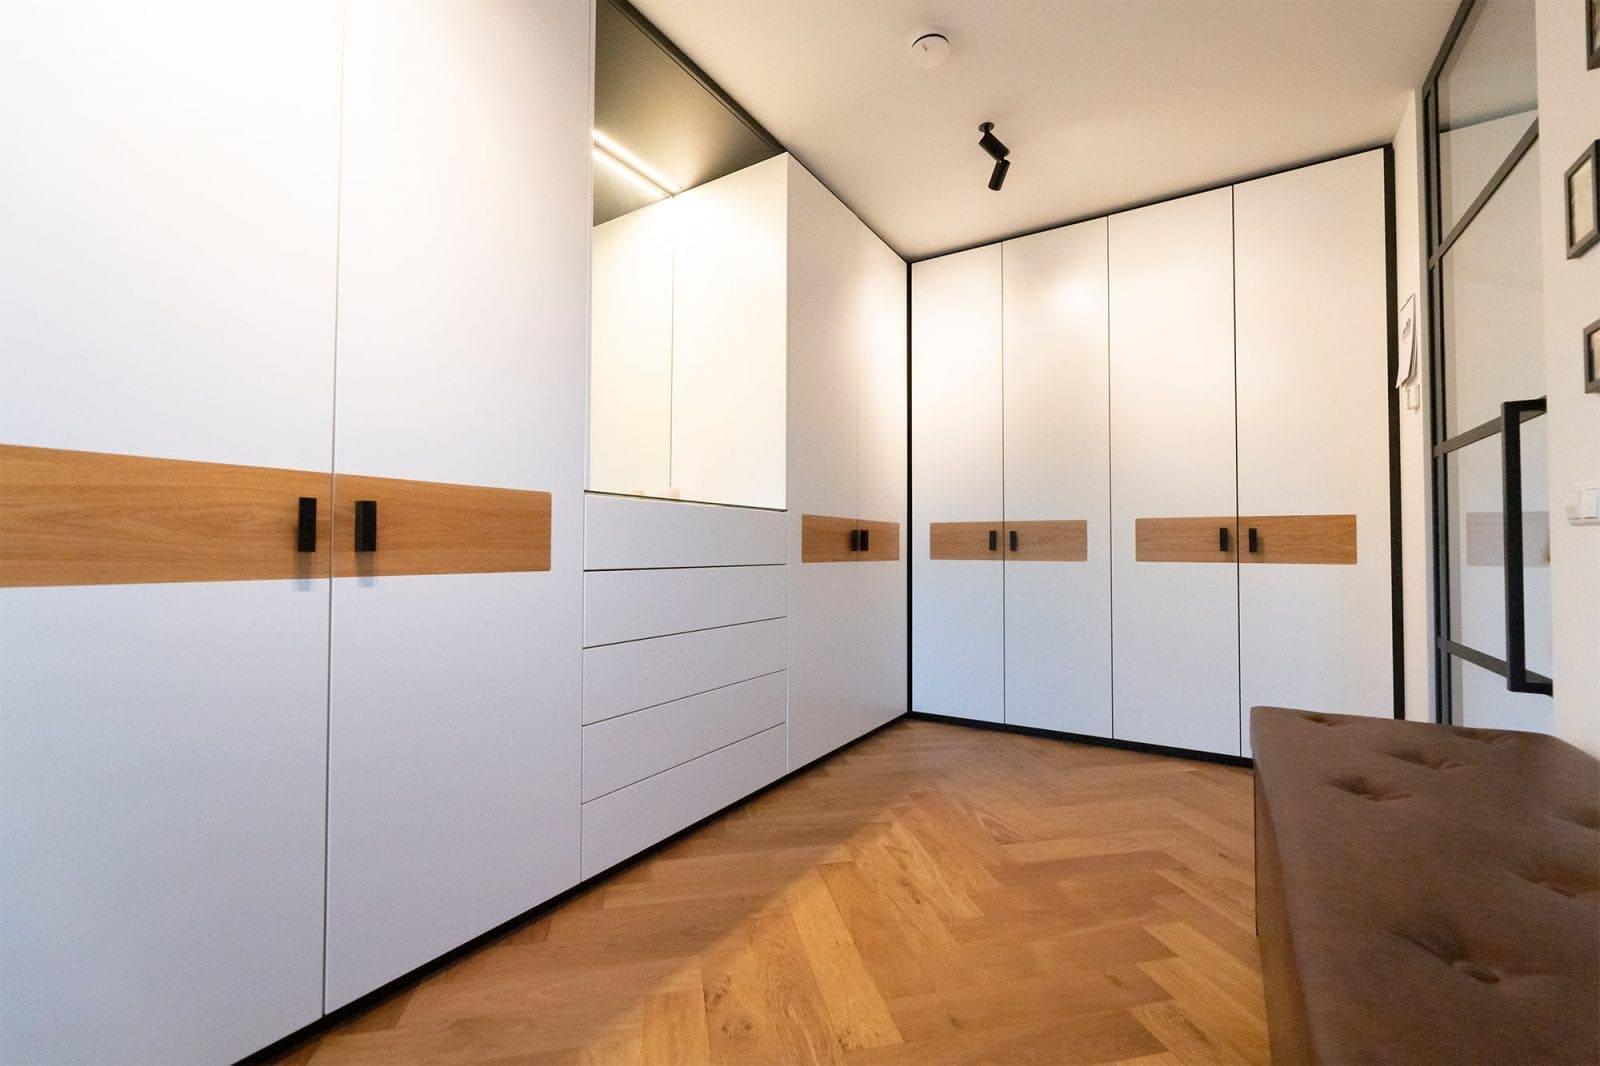 Interieurbouwer Gorinchem Hebben En Moderne Witte Keuken Gemaakt